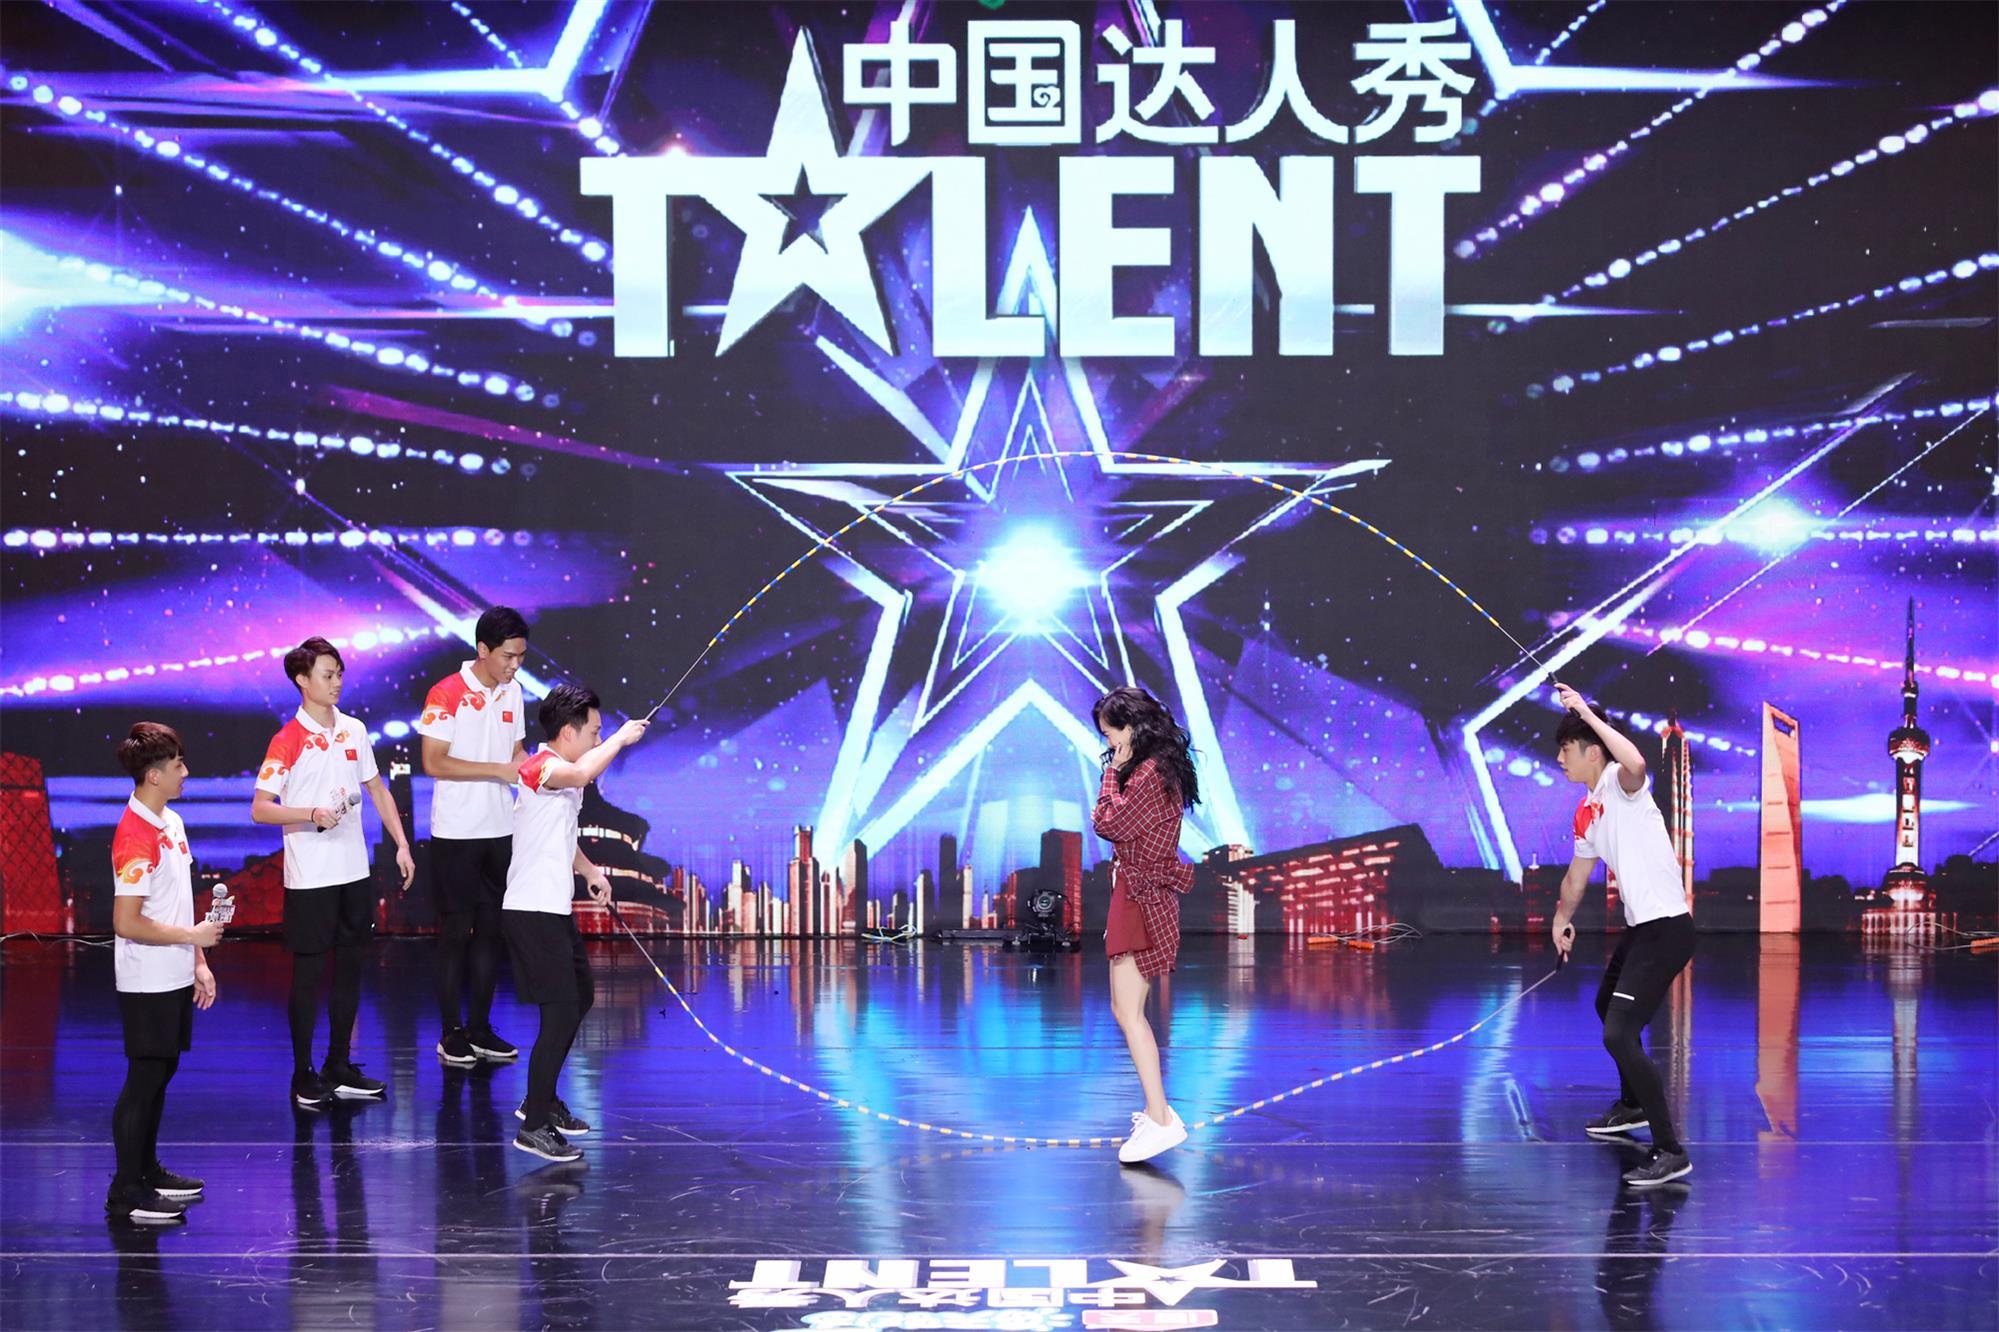 香港花式跳绳团体诠释青年面貌倒立打击乐输出中国文化